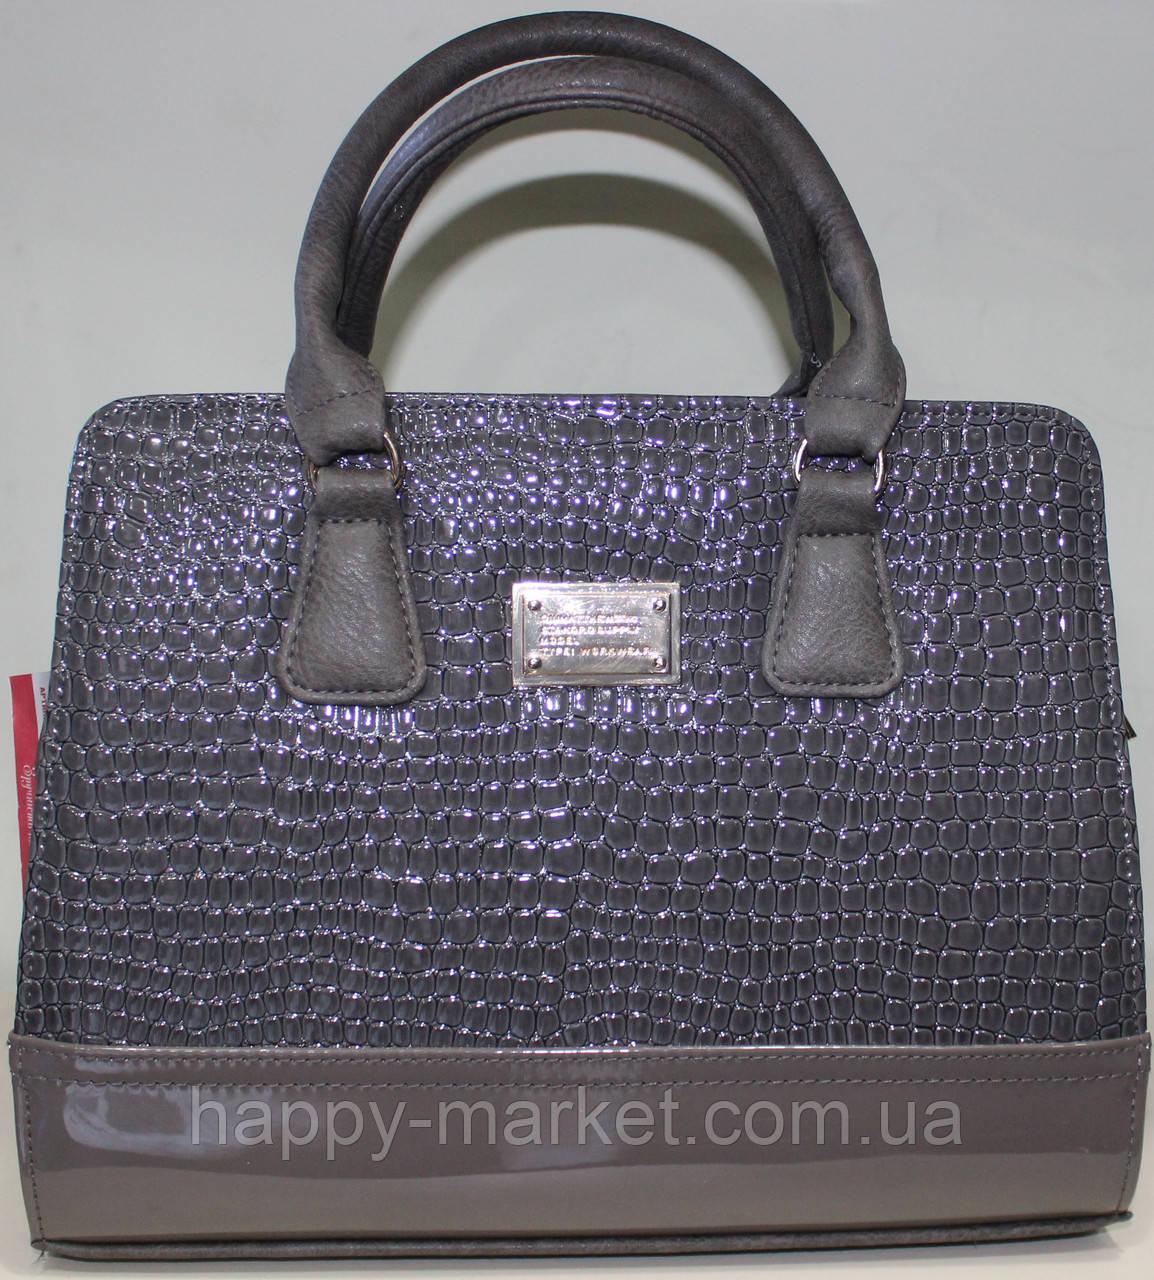 Сумка женская стильная классическая каркасная Fashion 553001-23